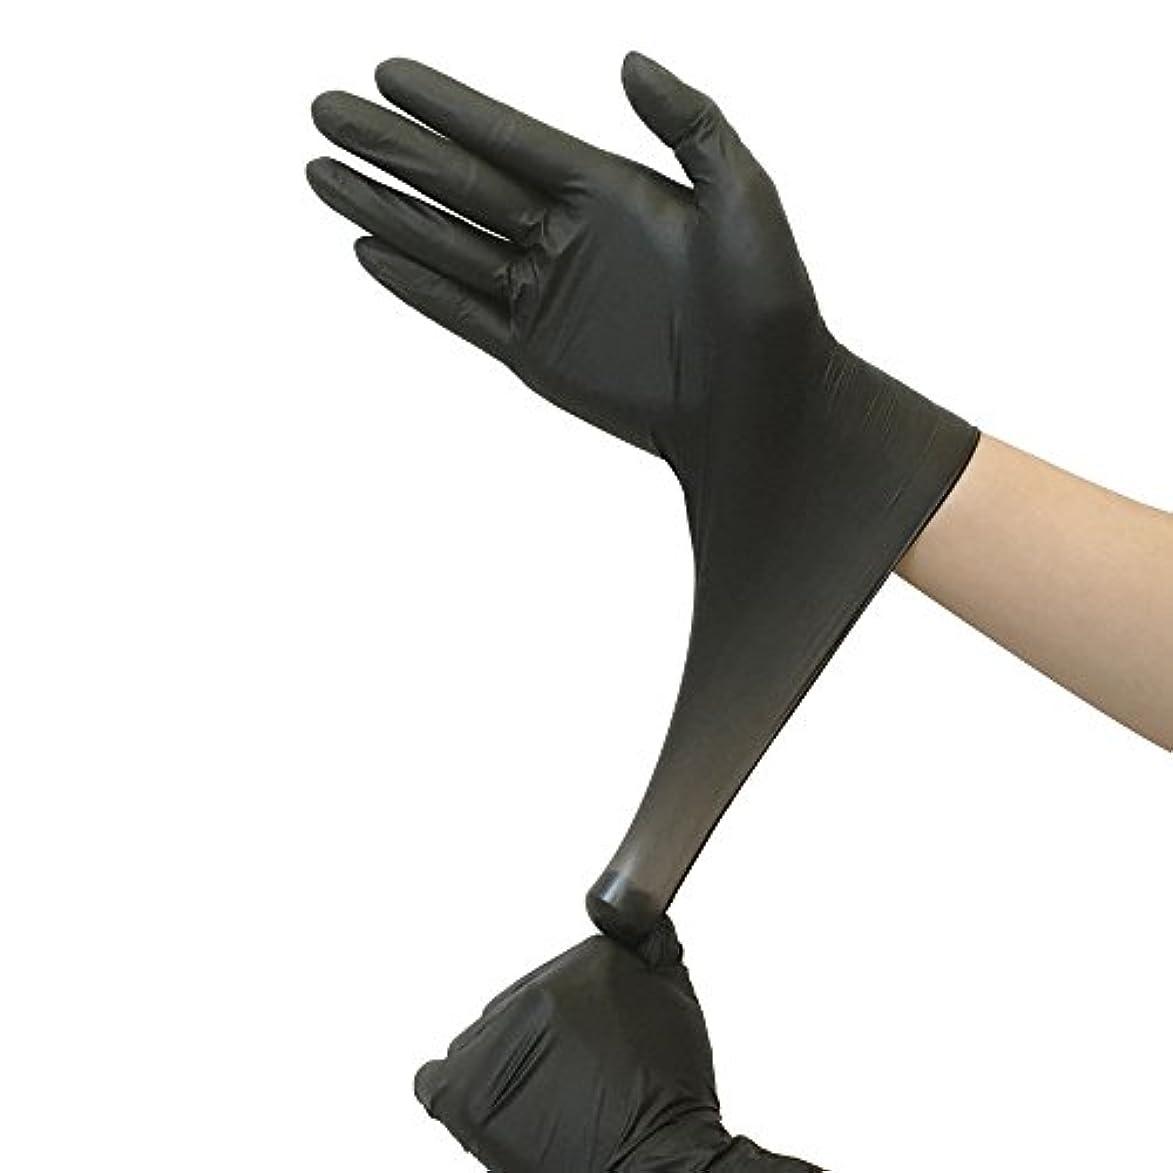 ぺディカブ買い物に行く符号ニトリル手袋  使い捨て手袋 粉なし 100枚入 ブラック